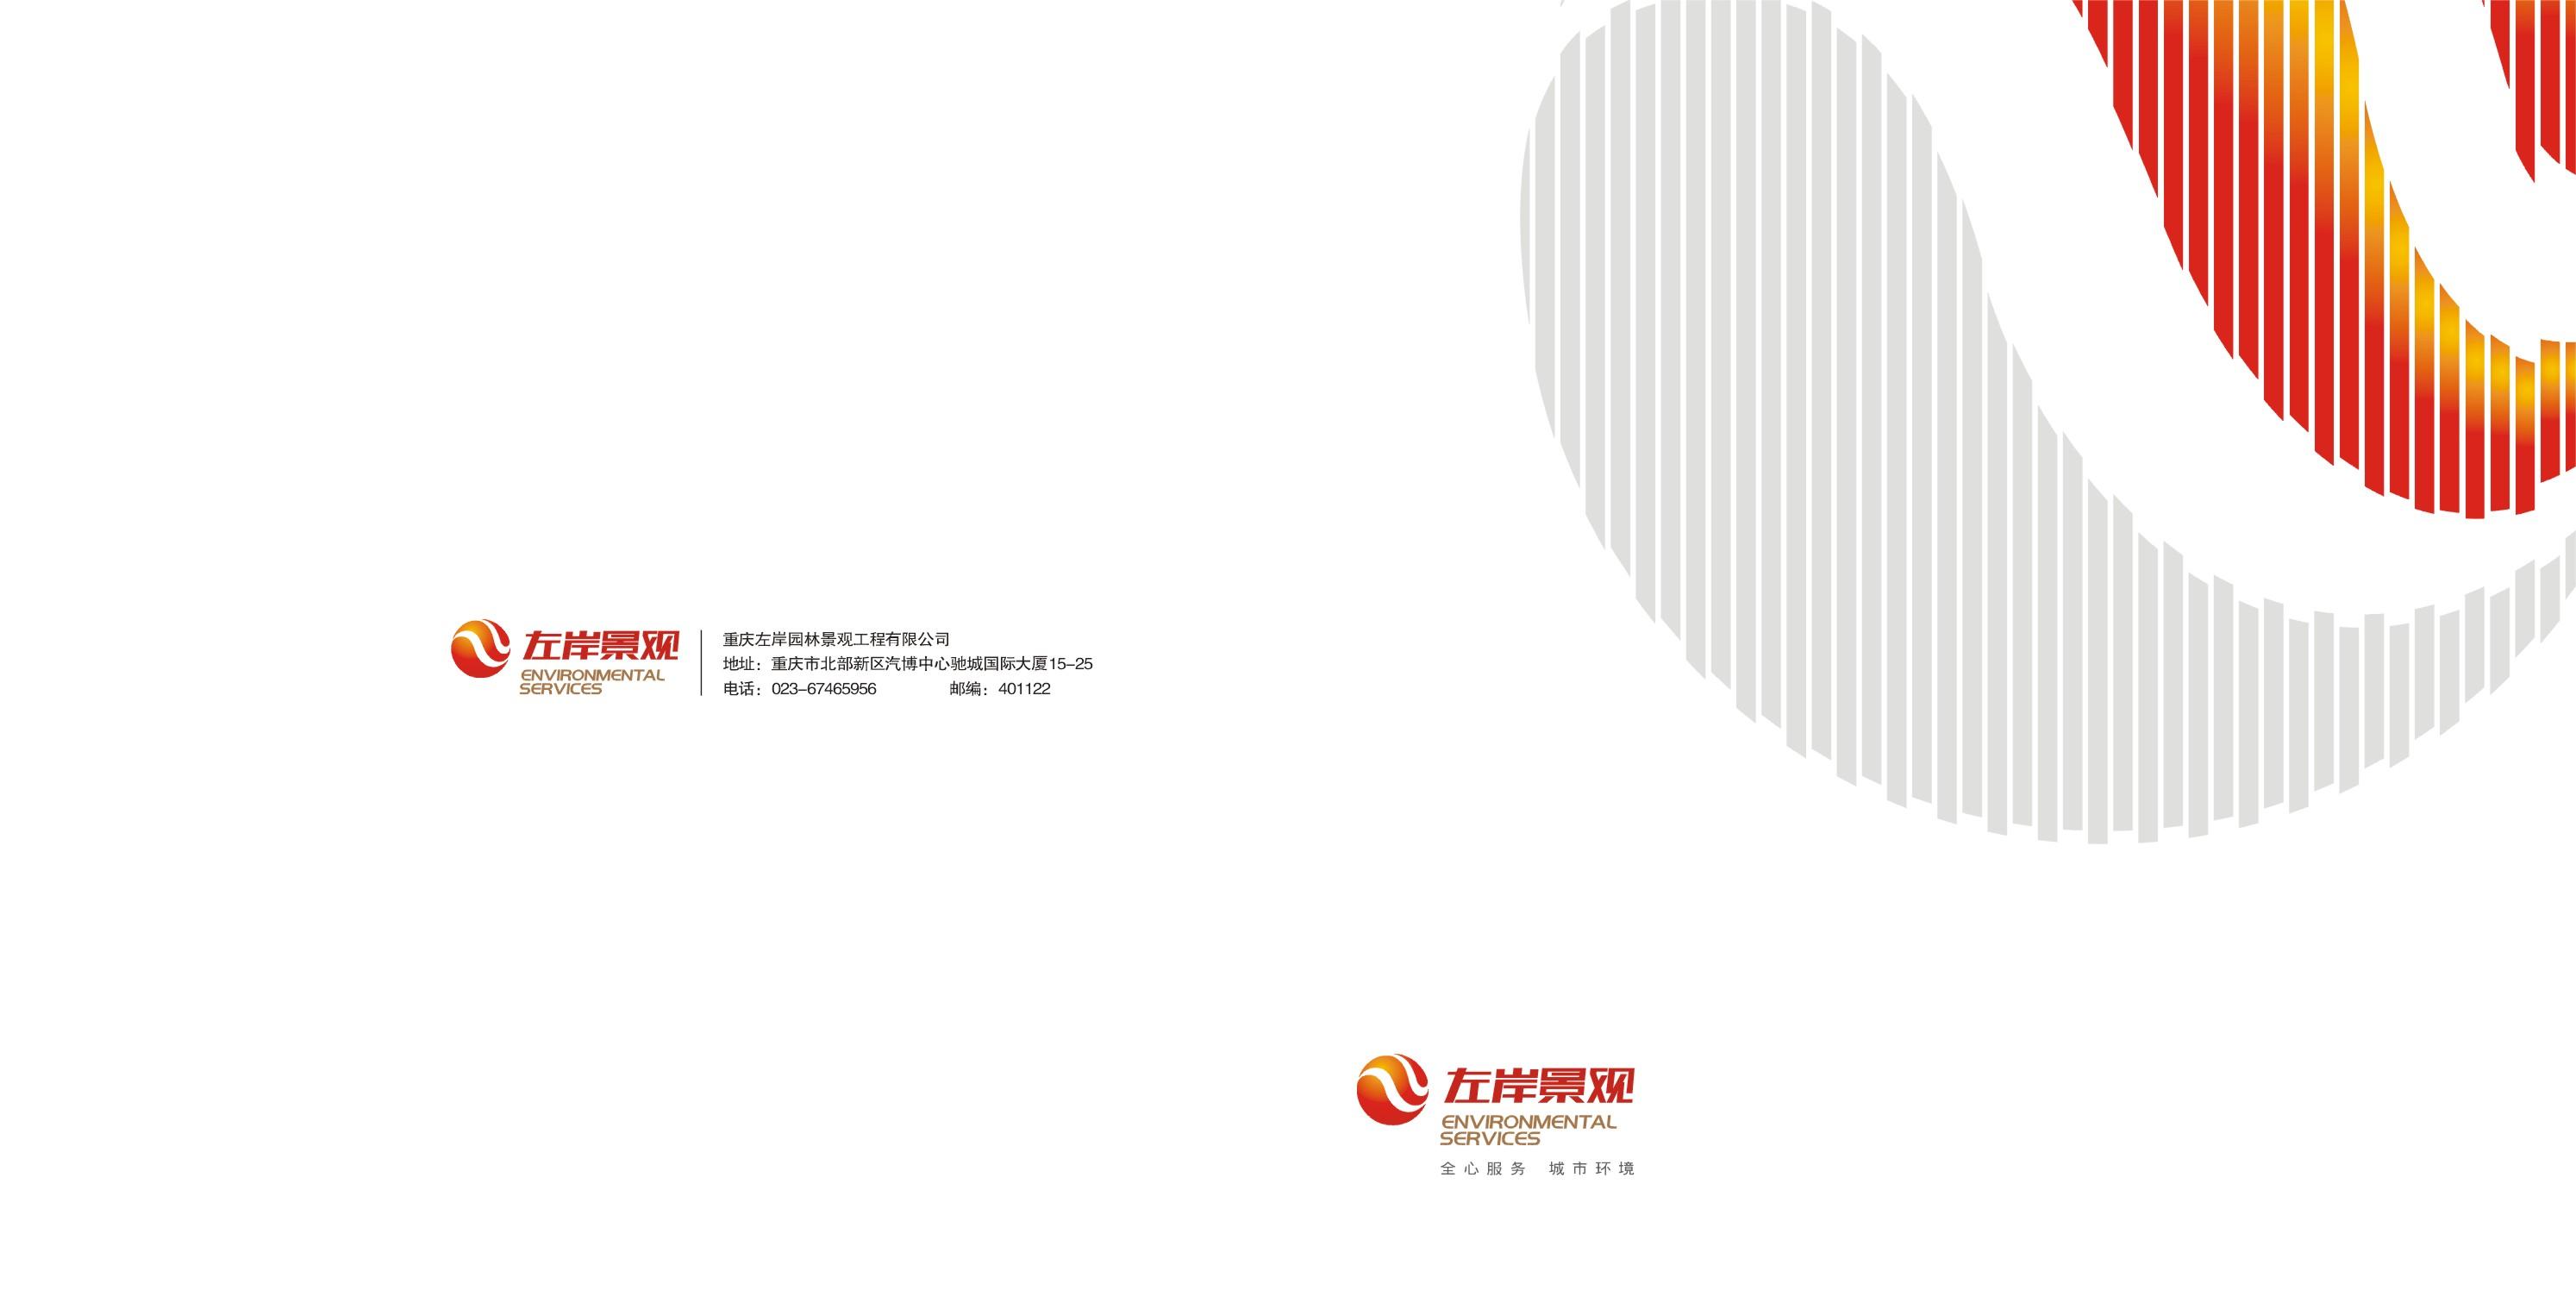 重庆左岸园林景观工程有限公司最新招聘信息